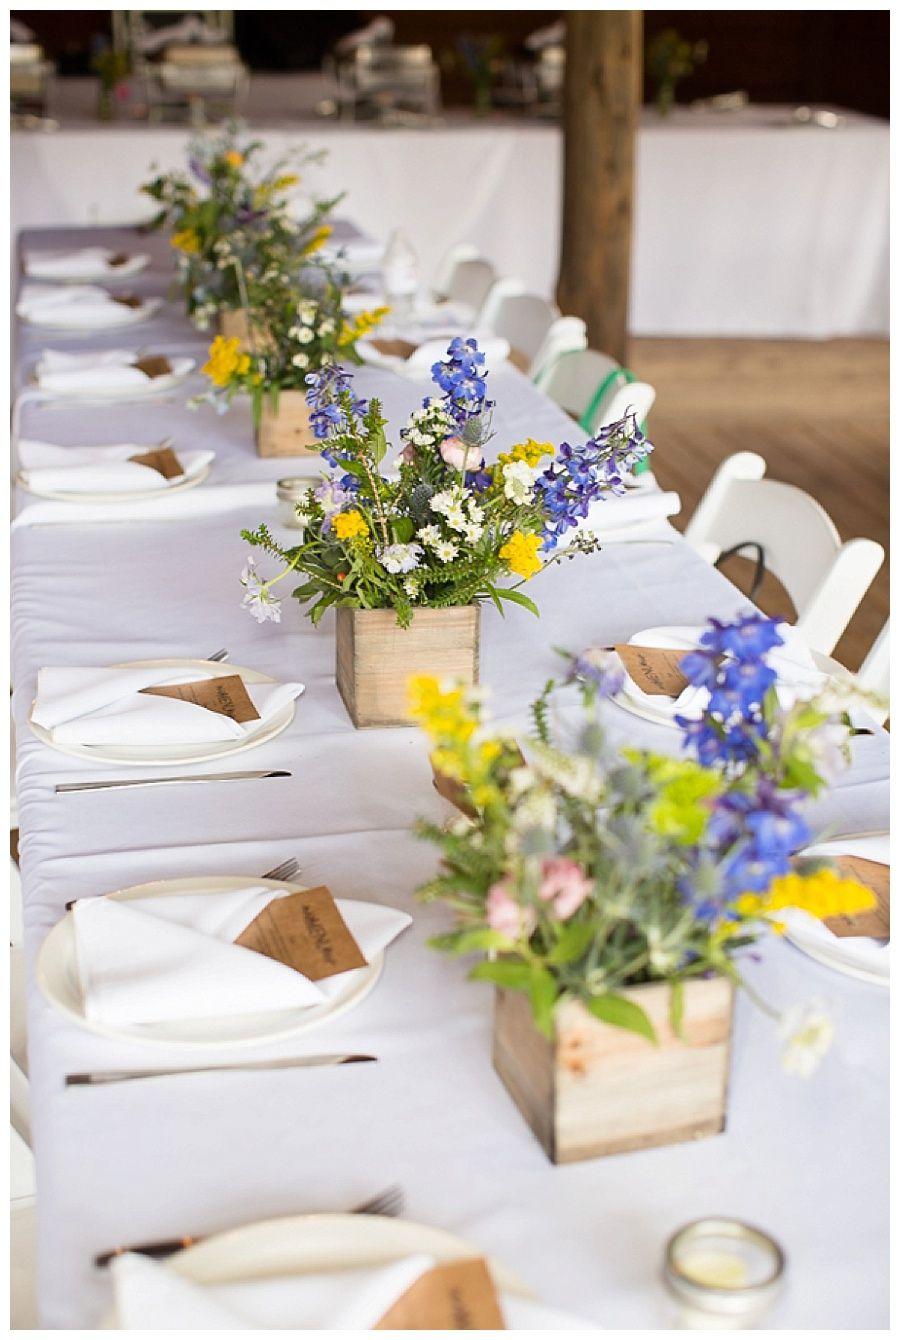 18 Wildflower Wedding Centerpiece Ideas Wedding Centerpieces